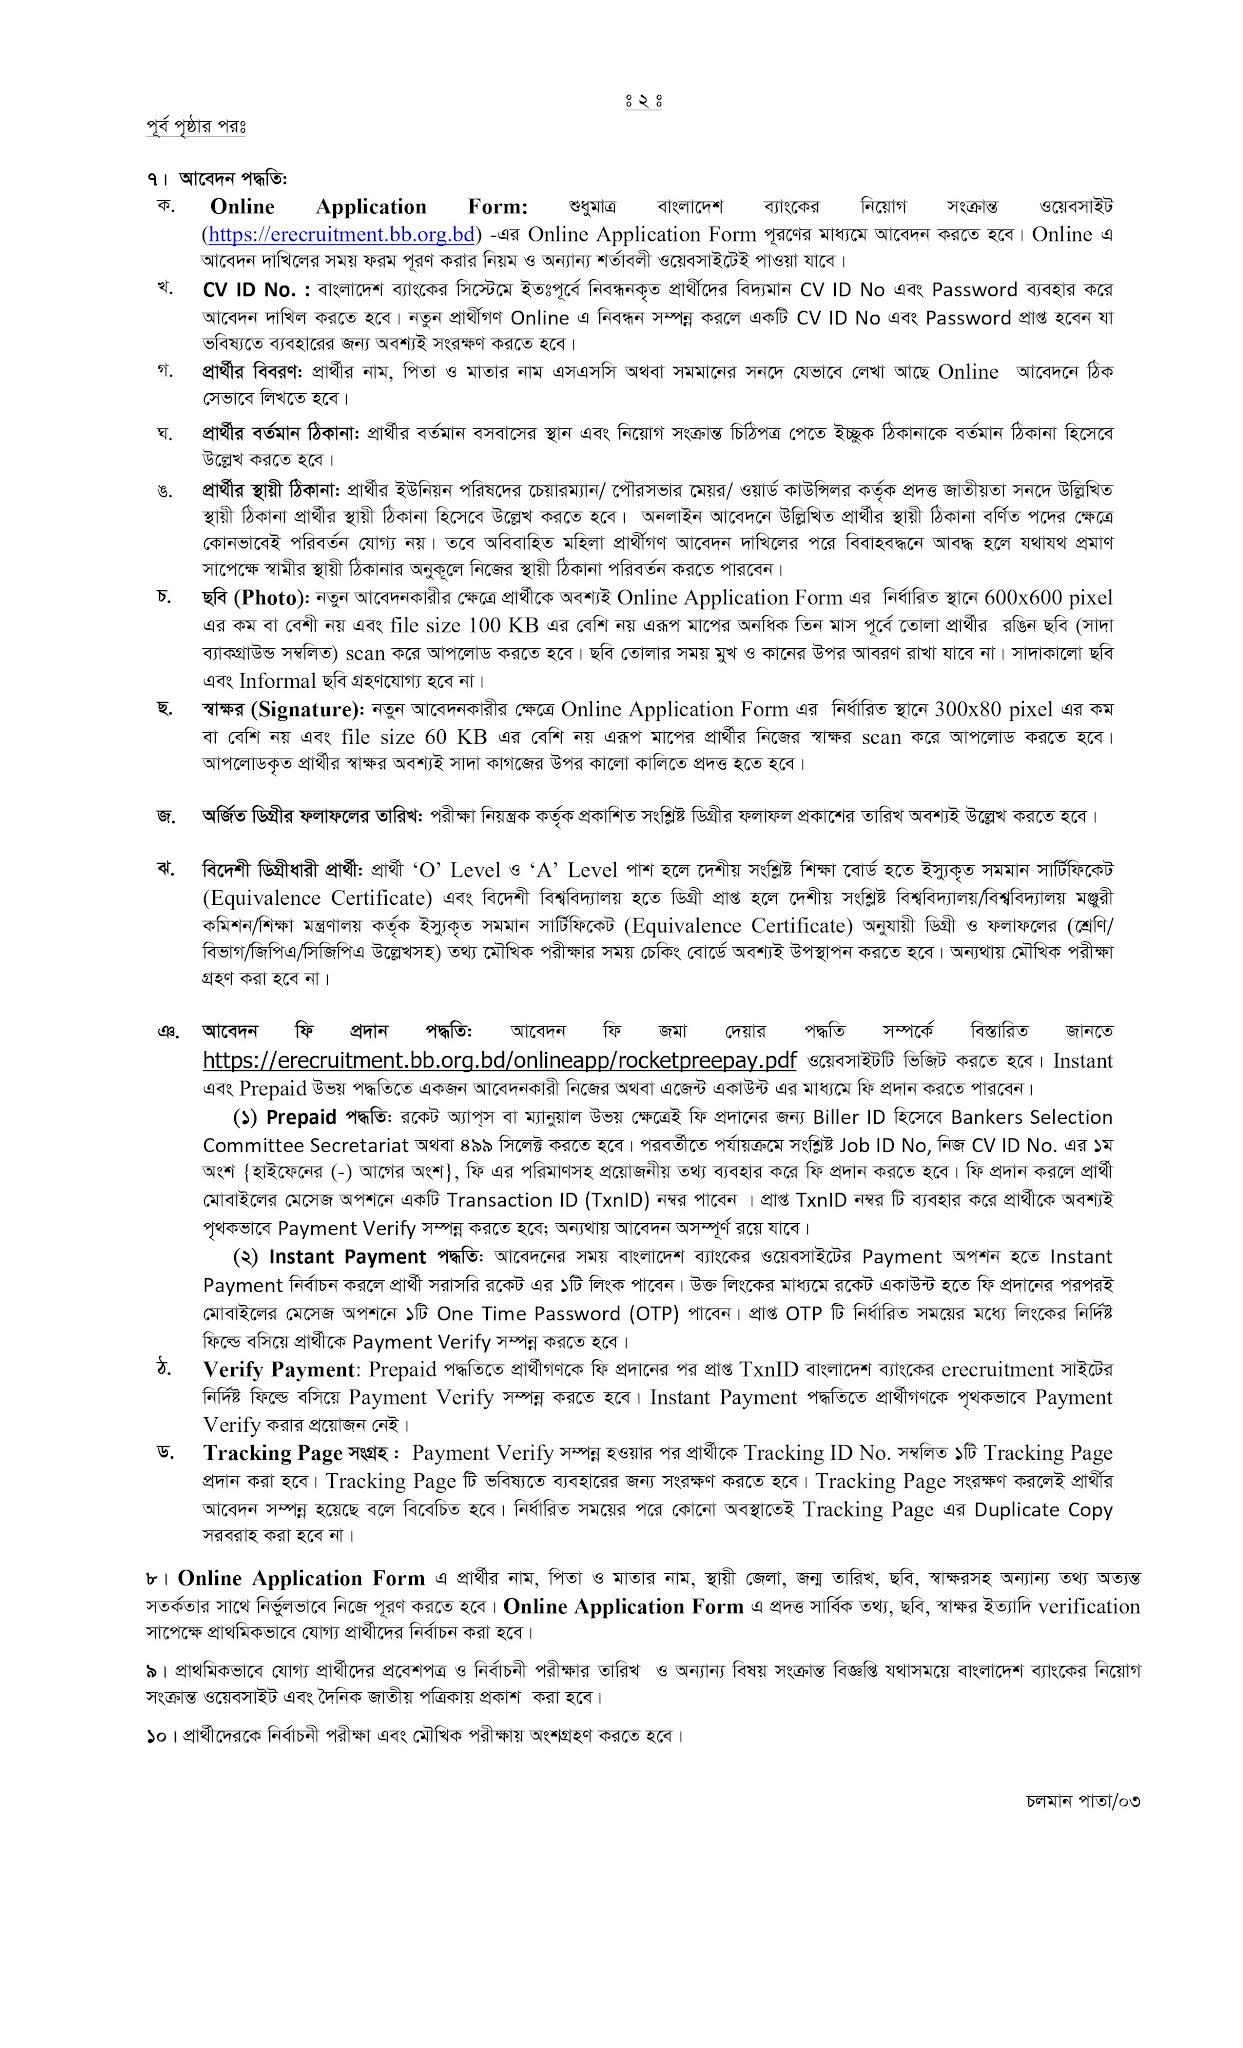 প্রবাসী কল্যাণ ব্যাংক নিয়োগ বিজ্ঞপ্তি - বেসরকারি ব্যাংক নিয়োগ বিজ্ঞপ্তি - all bank jobs circular